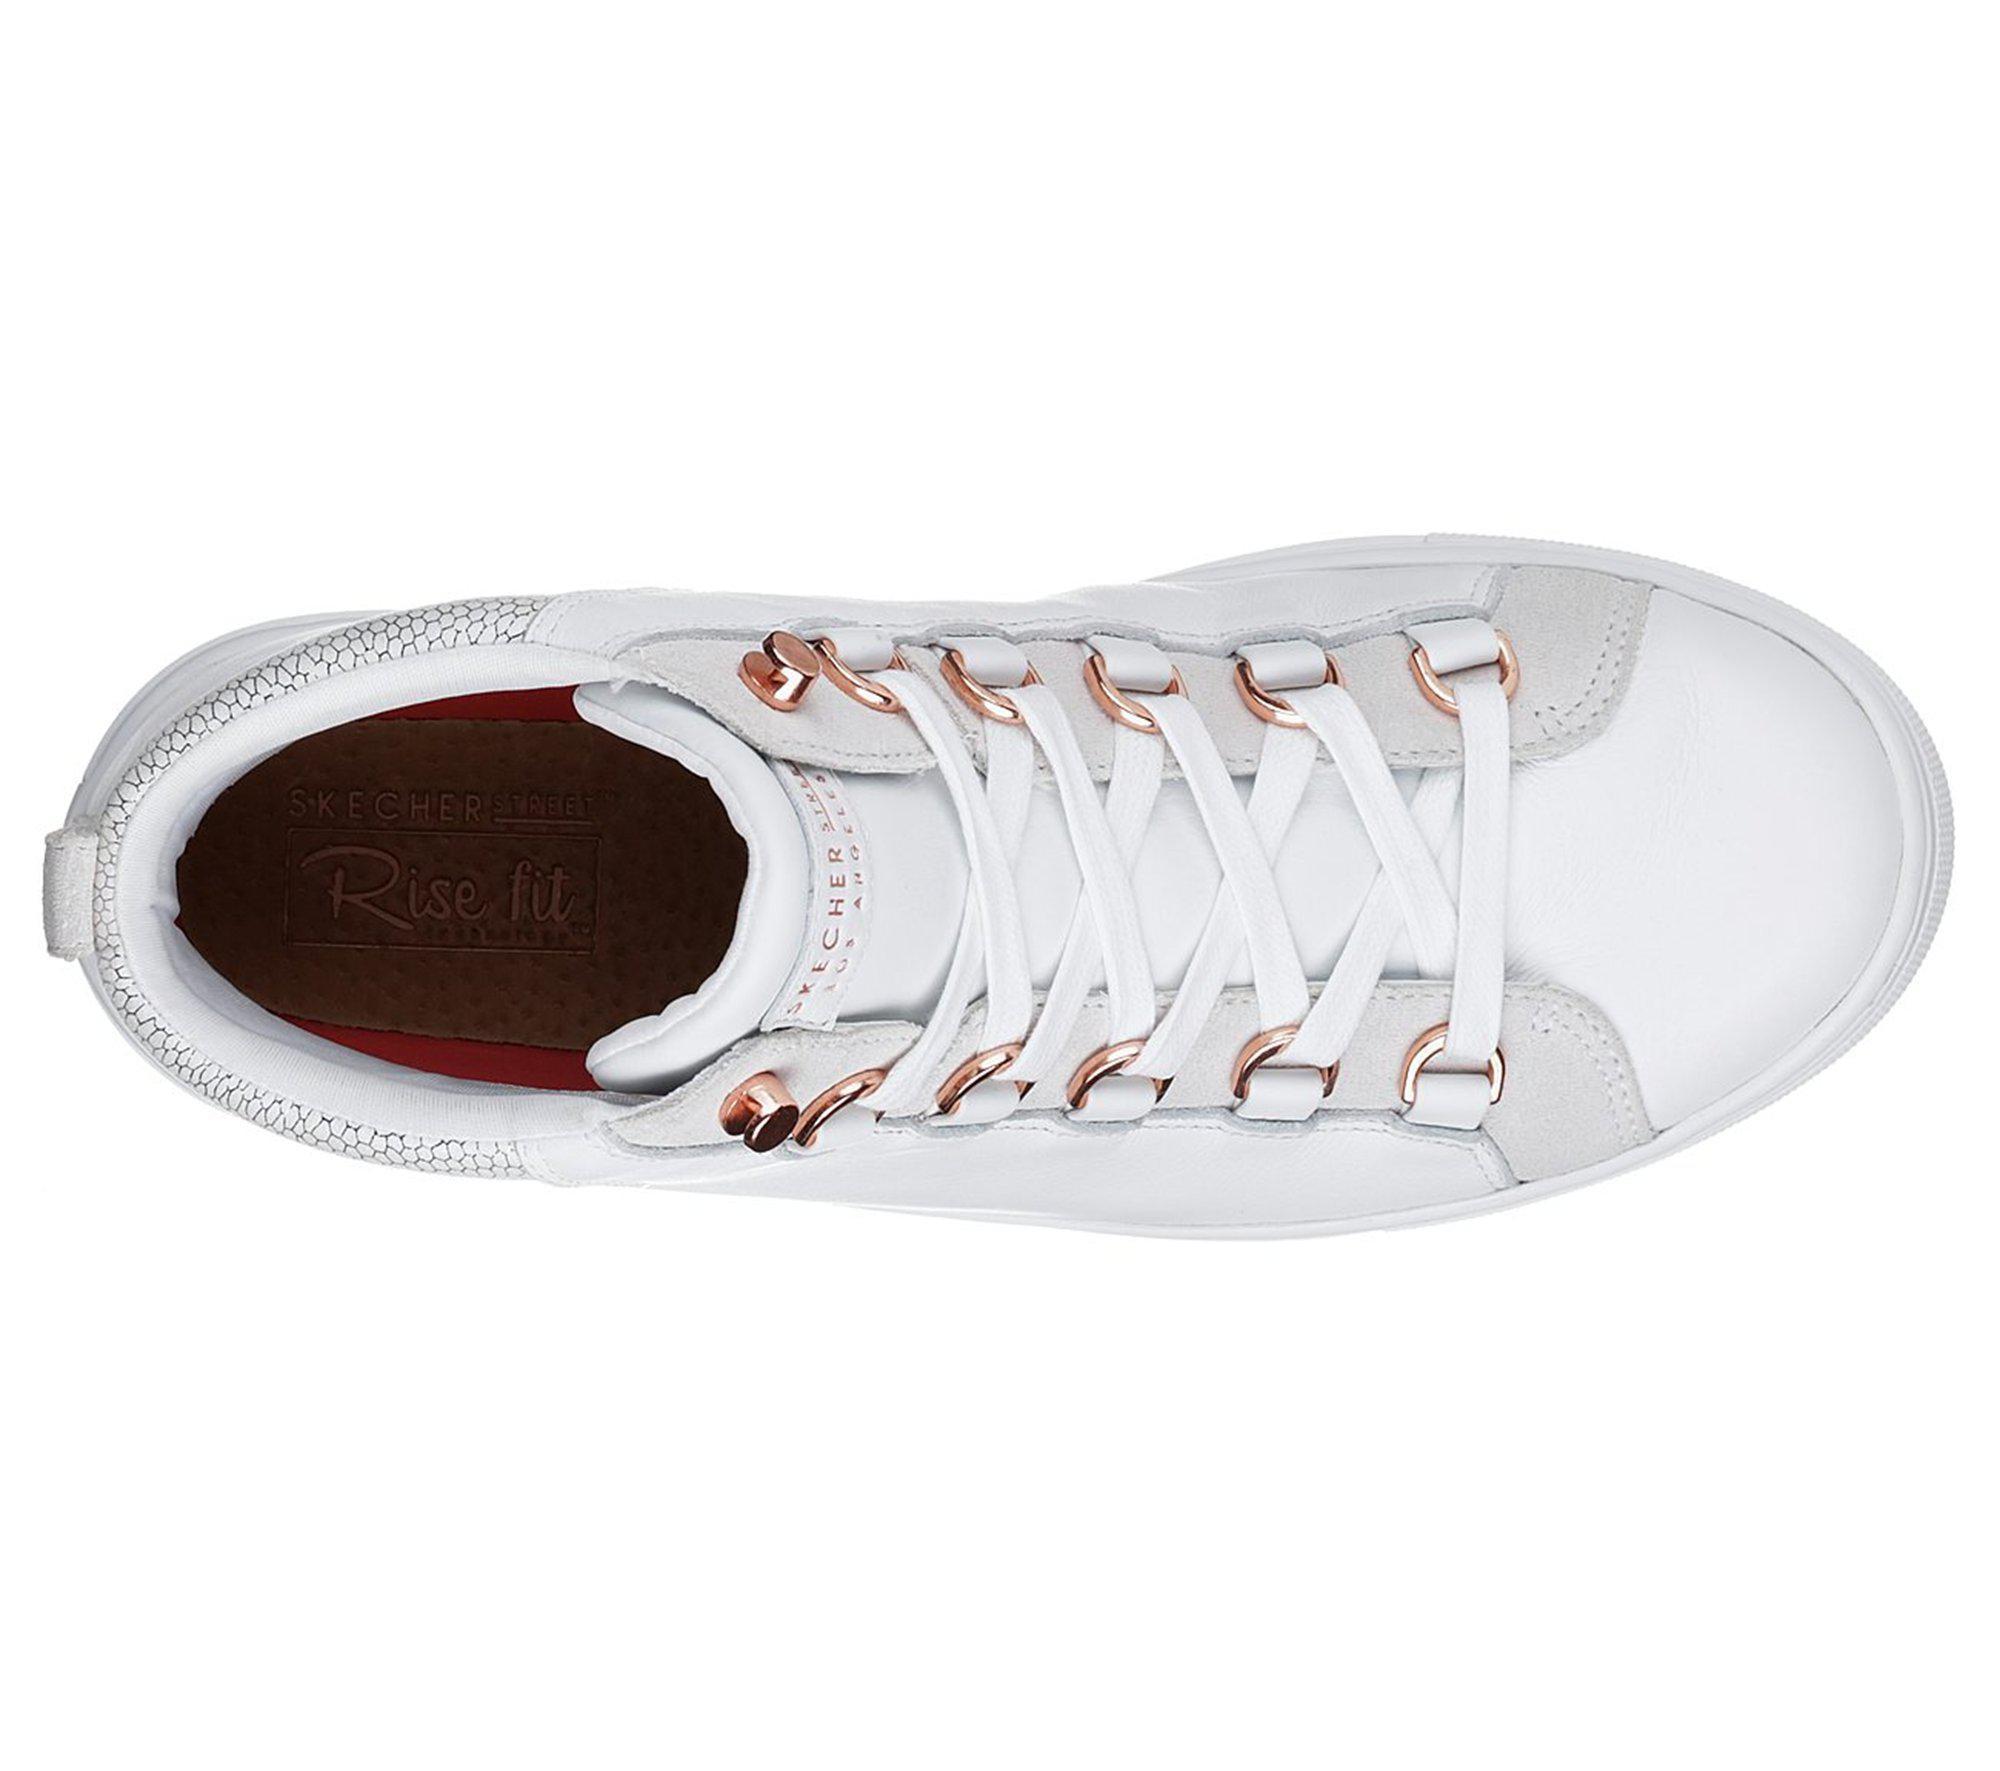 784eb639b6a0 Lyst - Skechers Side Street - Core-set Hi in White